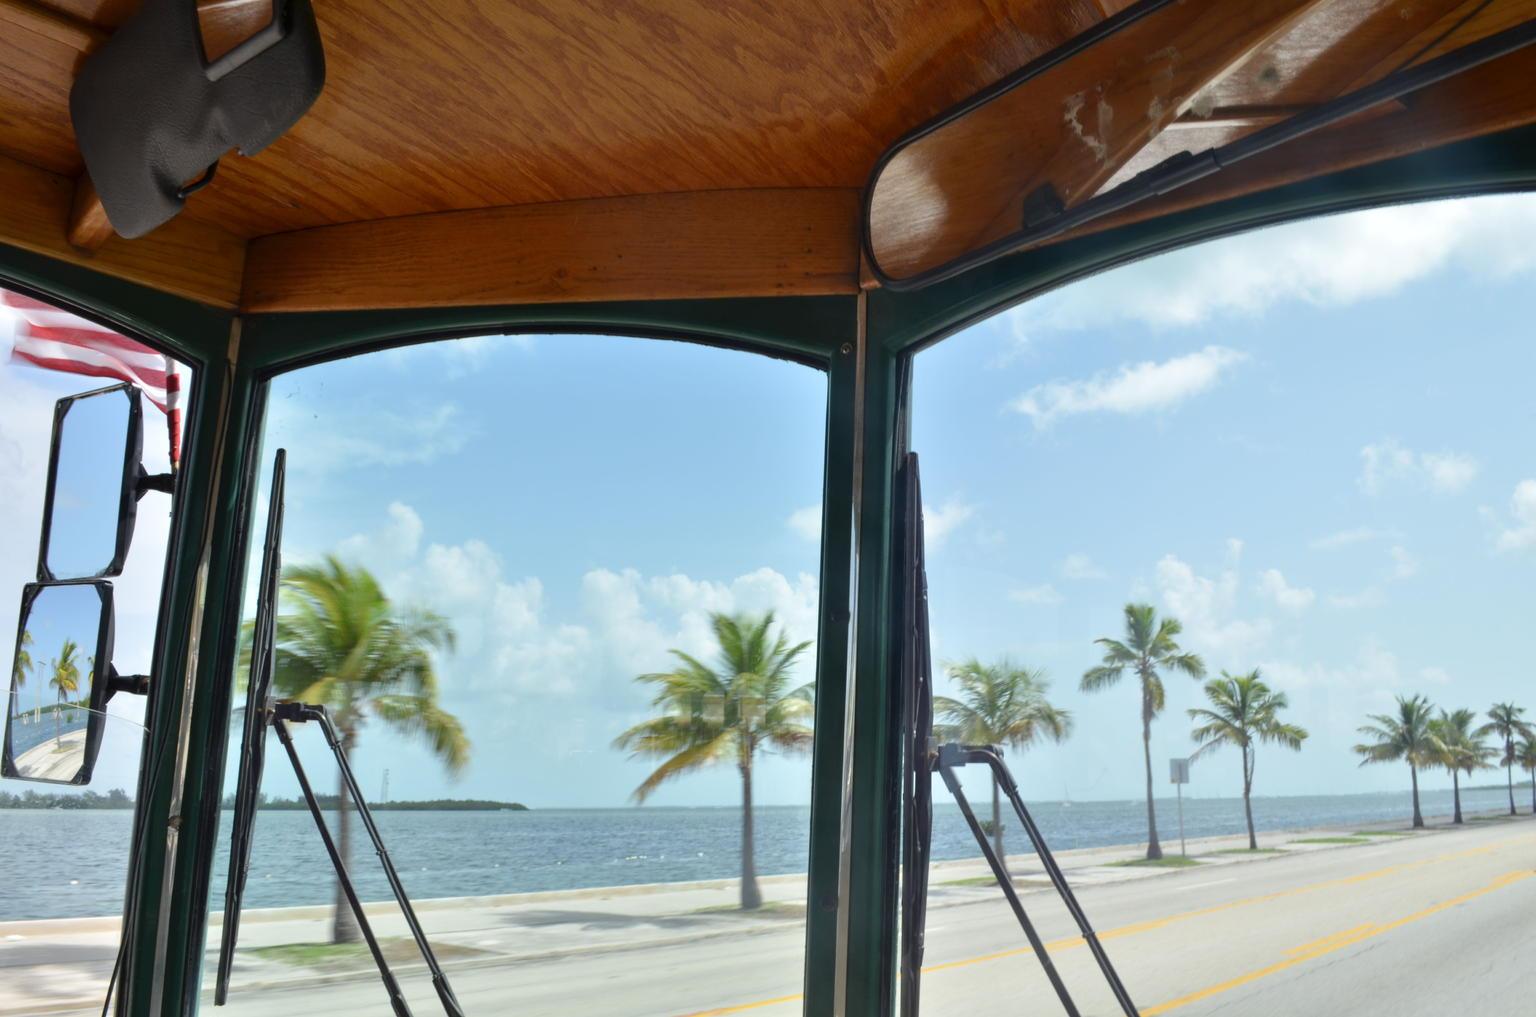 MÁS FOTOS, Recorrido en tranvía con paradas libres por Key West